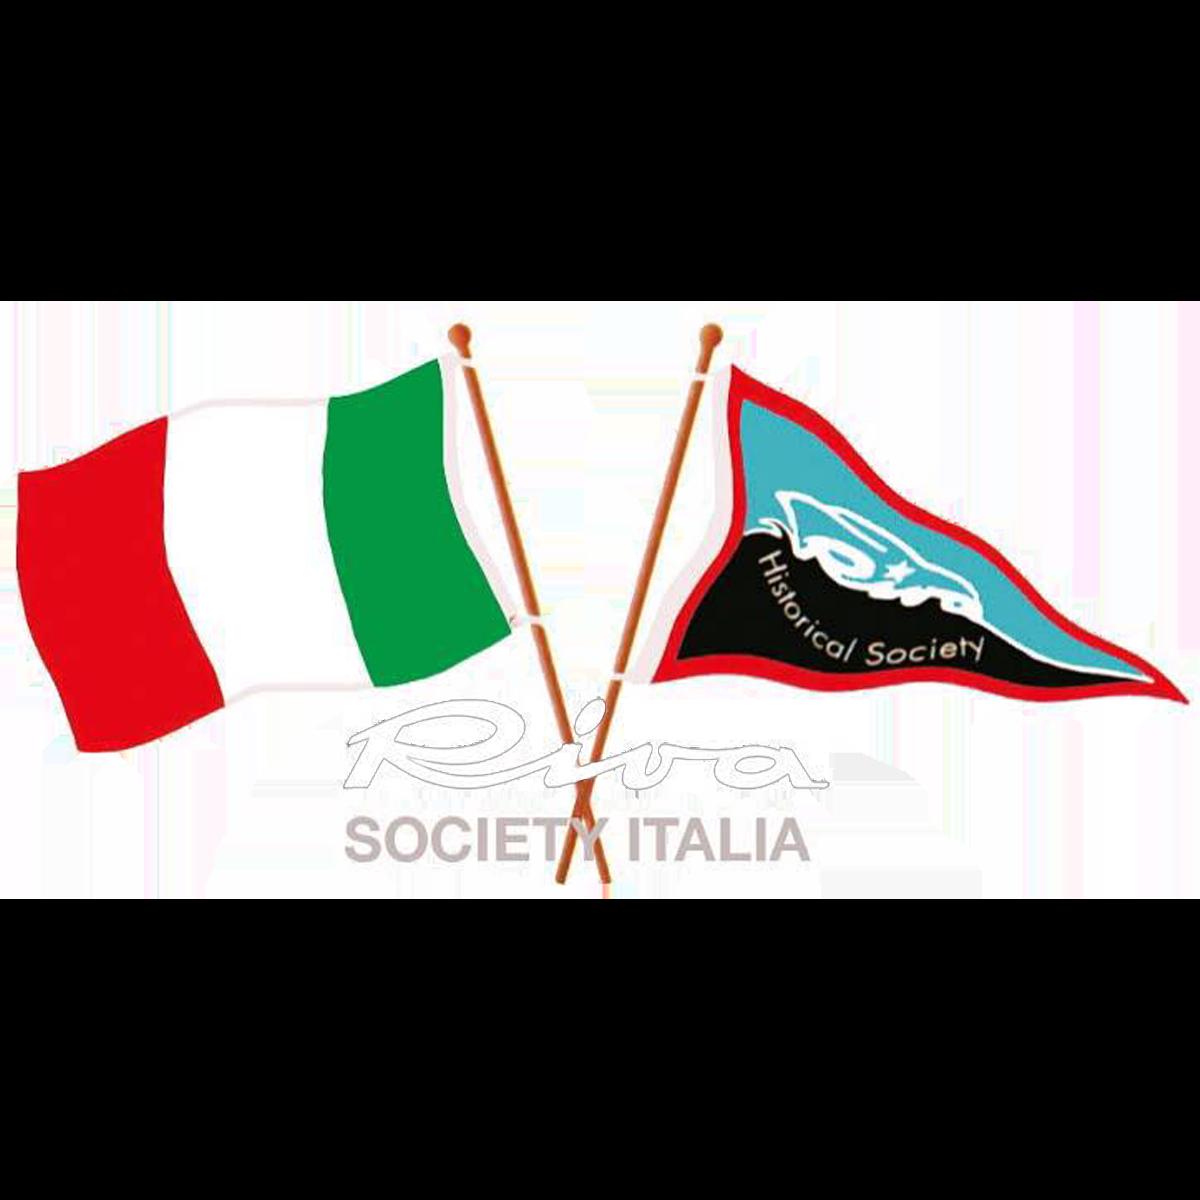 Riva Society